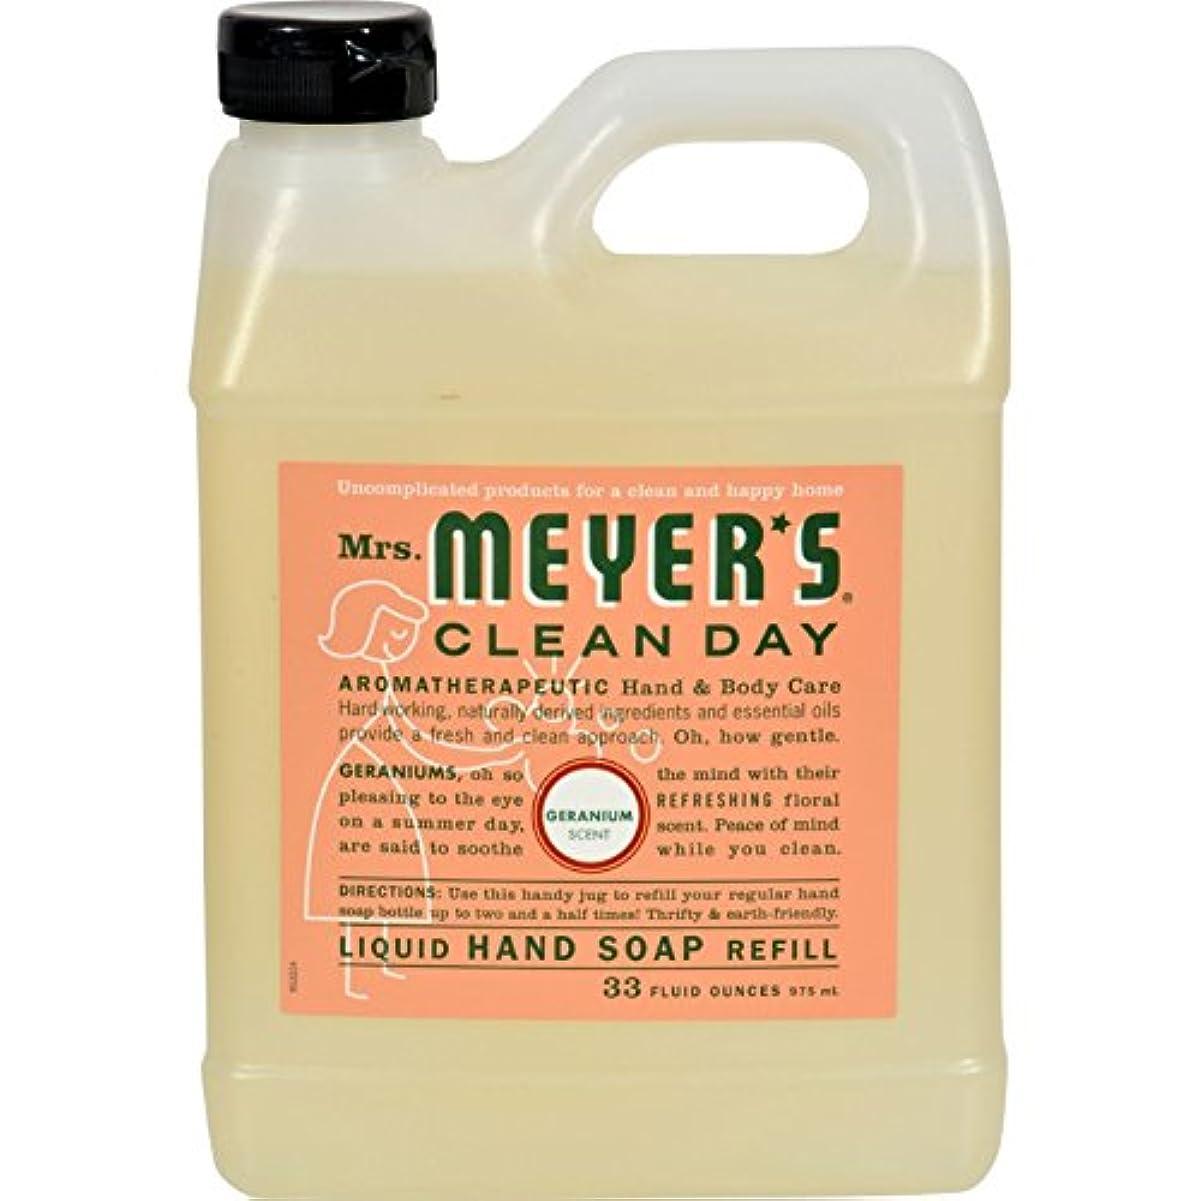 シャンプー食欲遅いMRS. MEYER'S HAND SOAP,LIQ,REFL,GERANM, 33 FZ by Mrs. Meyers